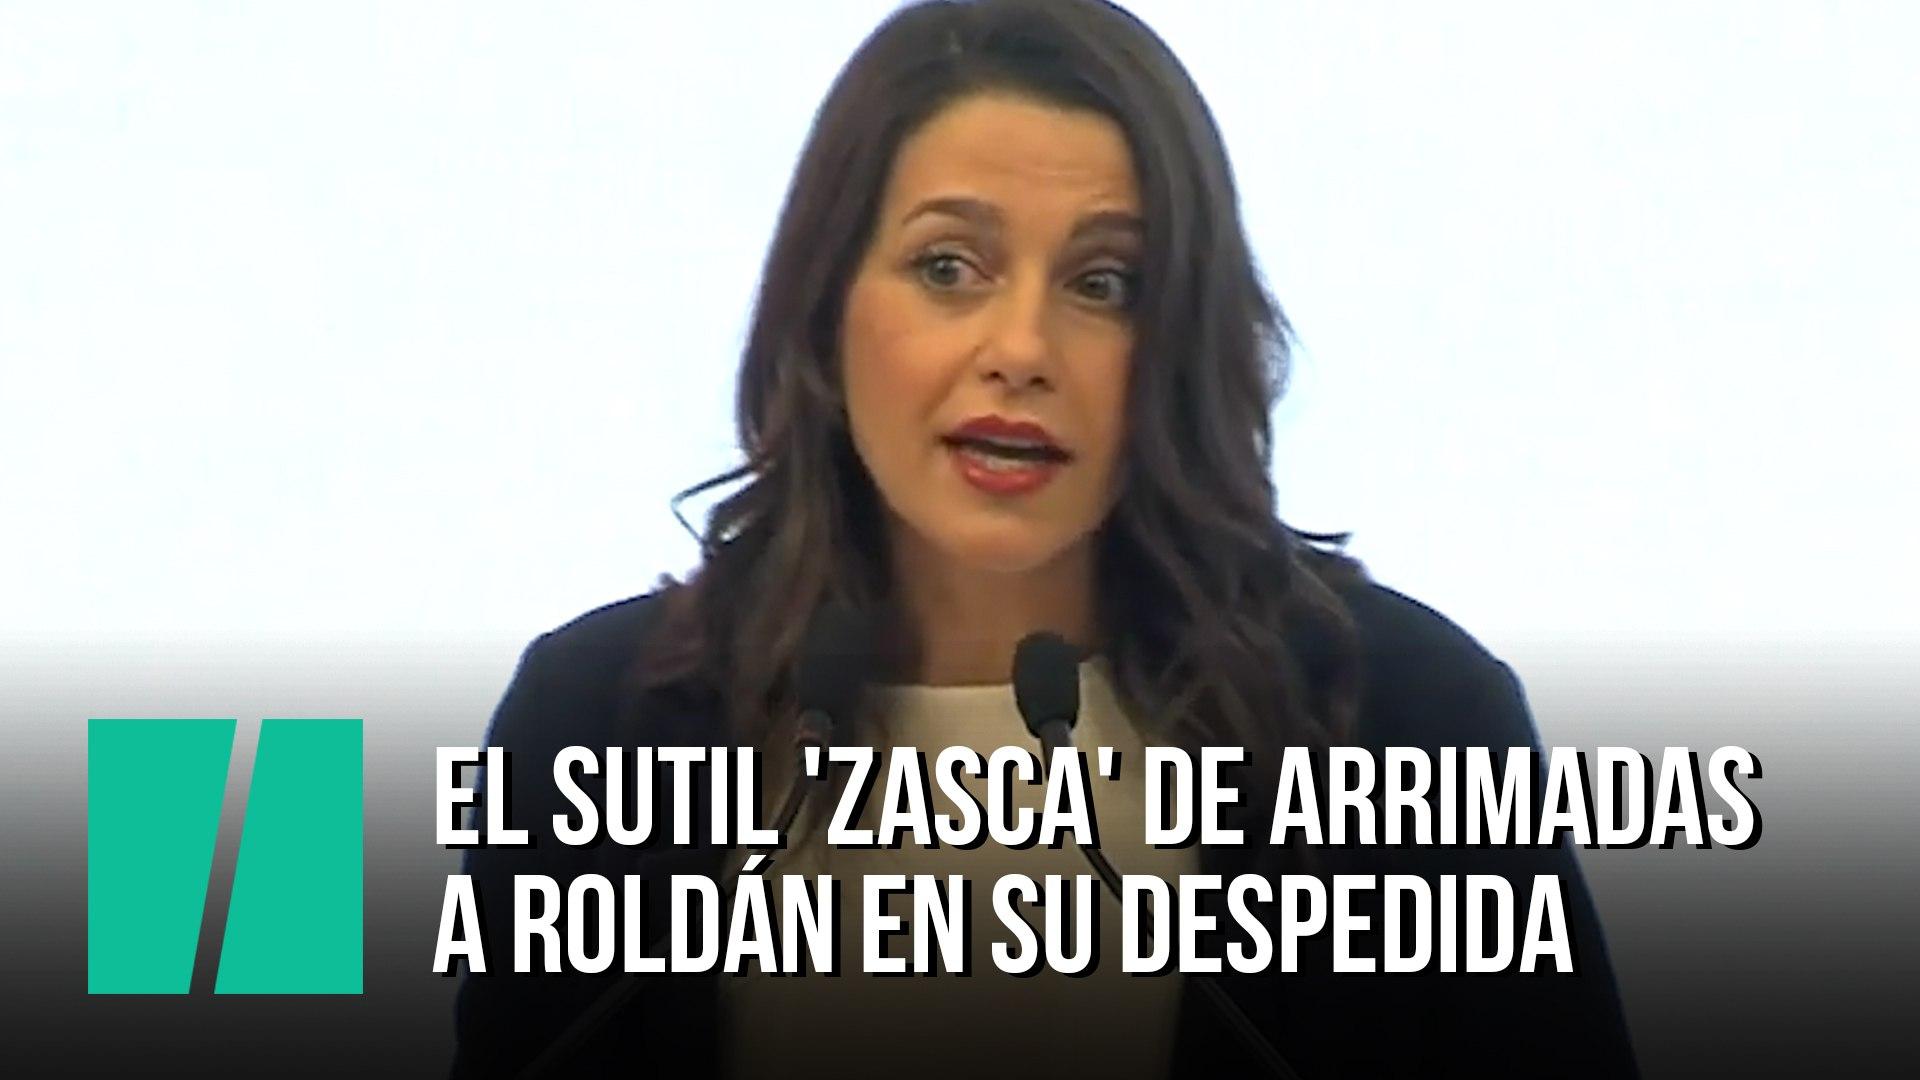 El sutil 'zasca' de Arrimadas a Roldán en su despedida